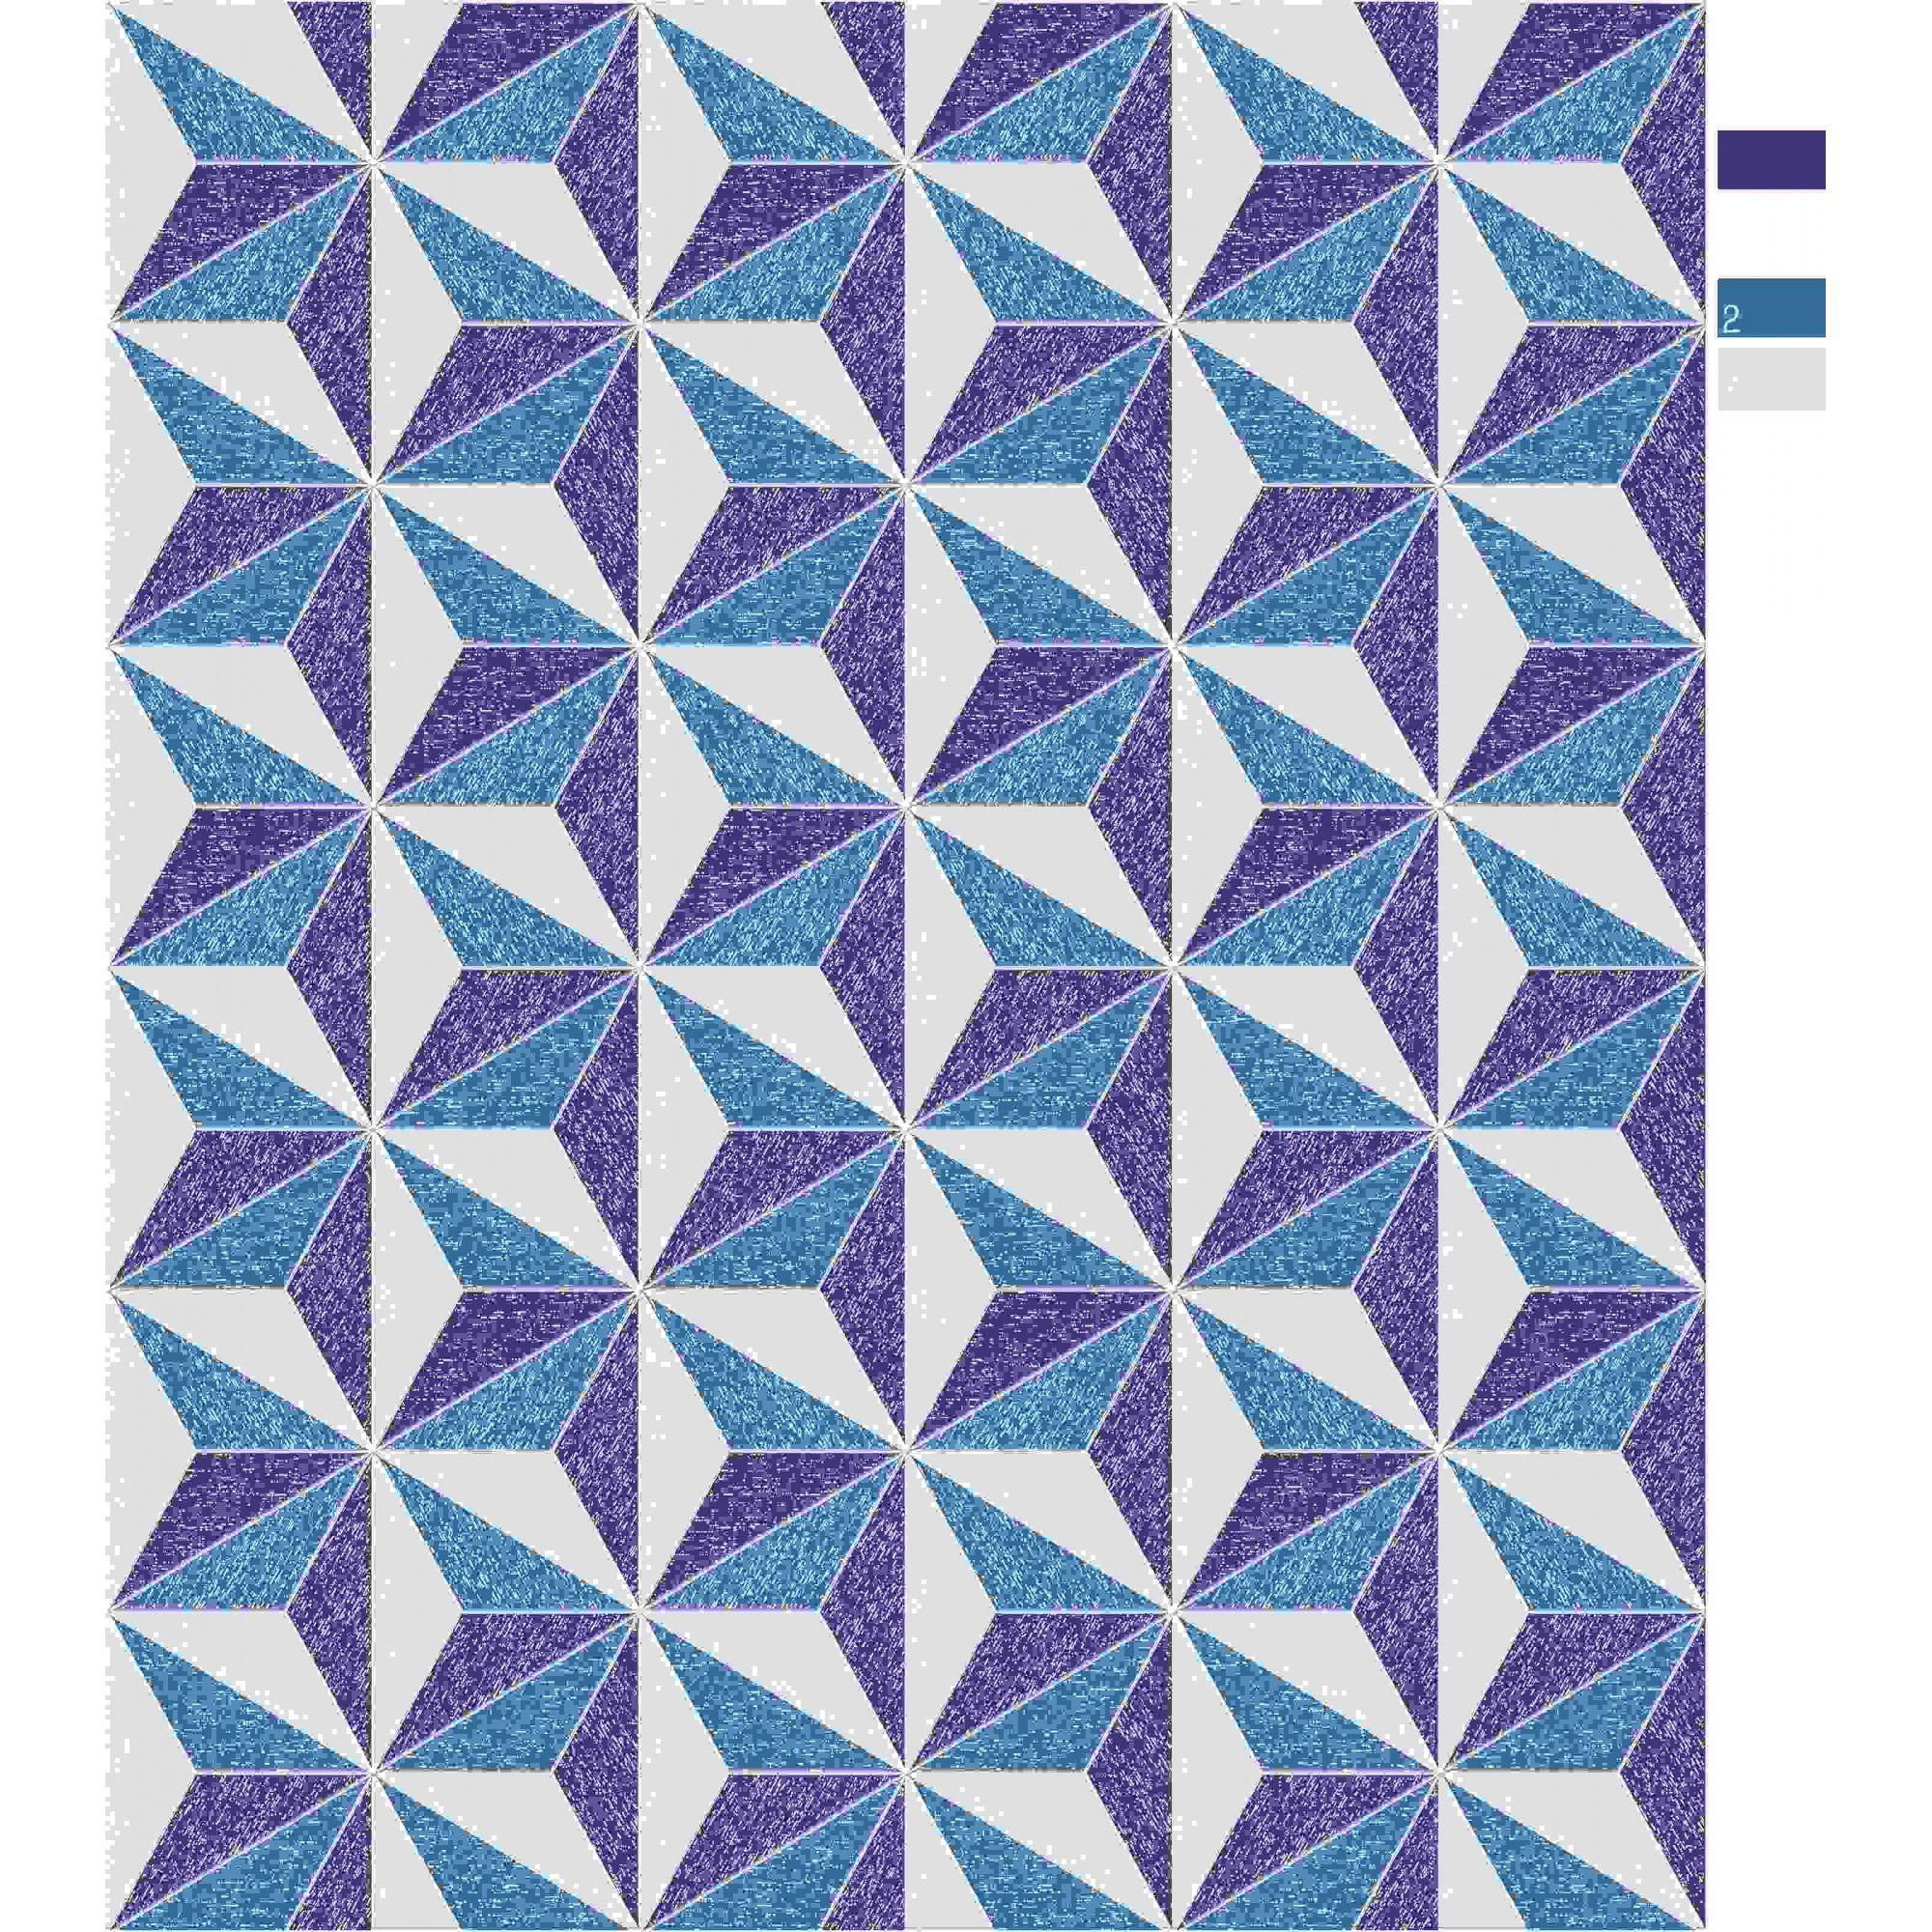 Papel de Parede Kan Tai Vinílico Coleção Neonature 5 Geométrico Estrela Azul, Marinho, Cinza